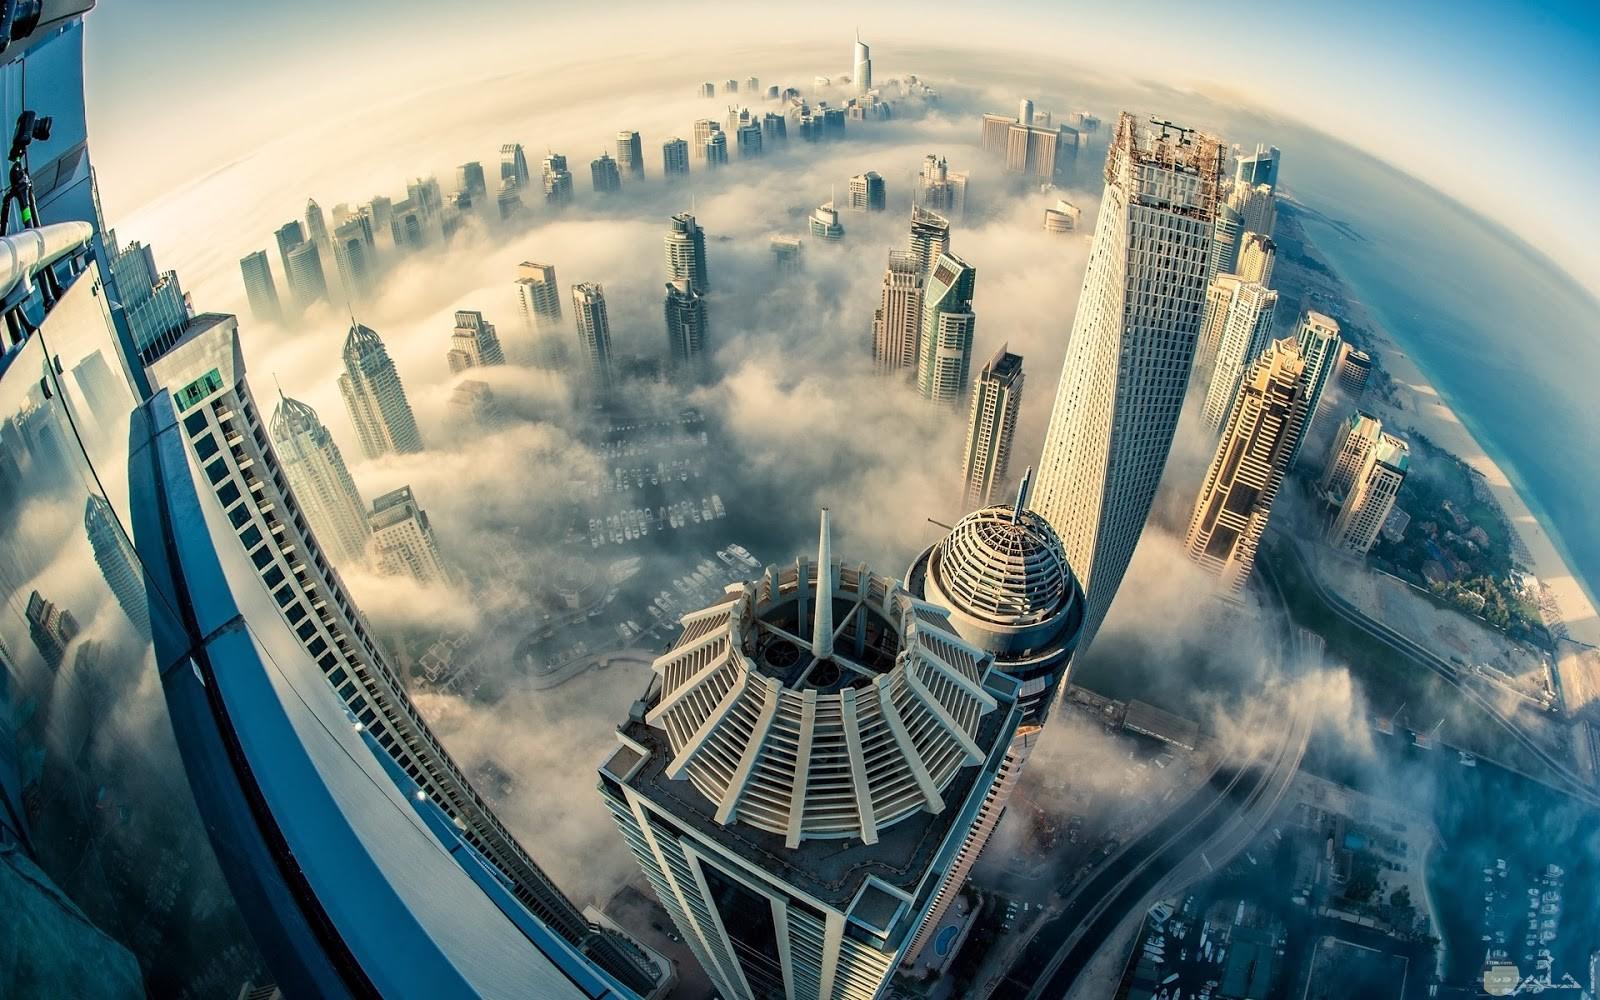 صورة جميلة لابراج الامارات العربية المتحدة.